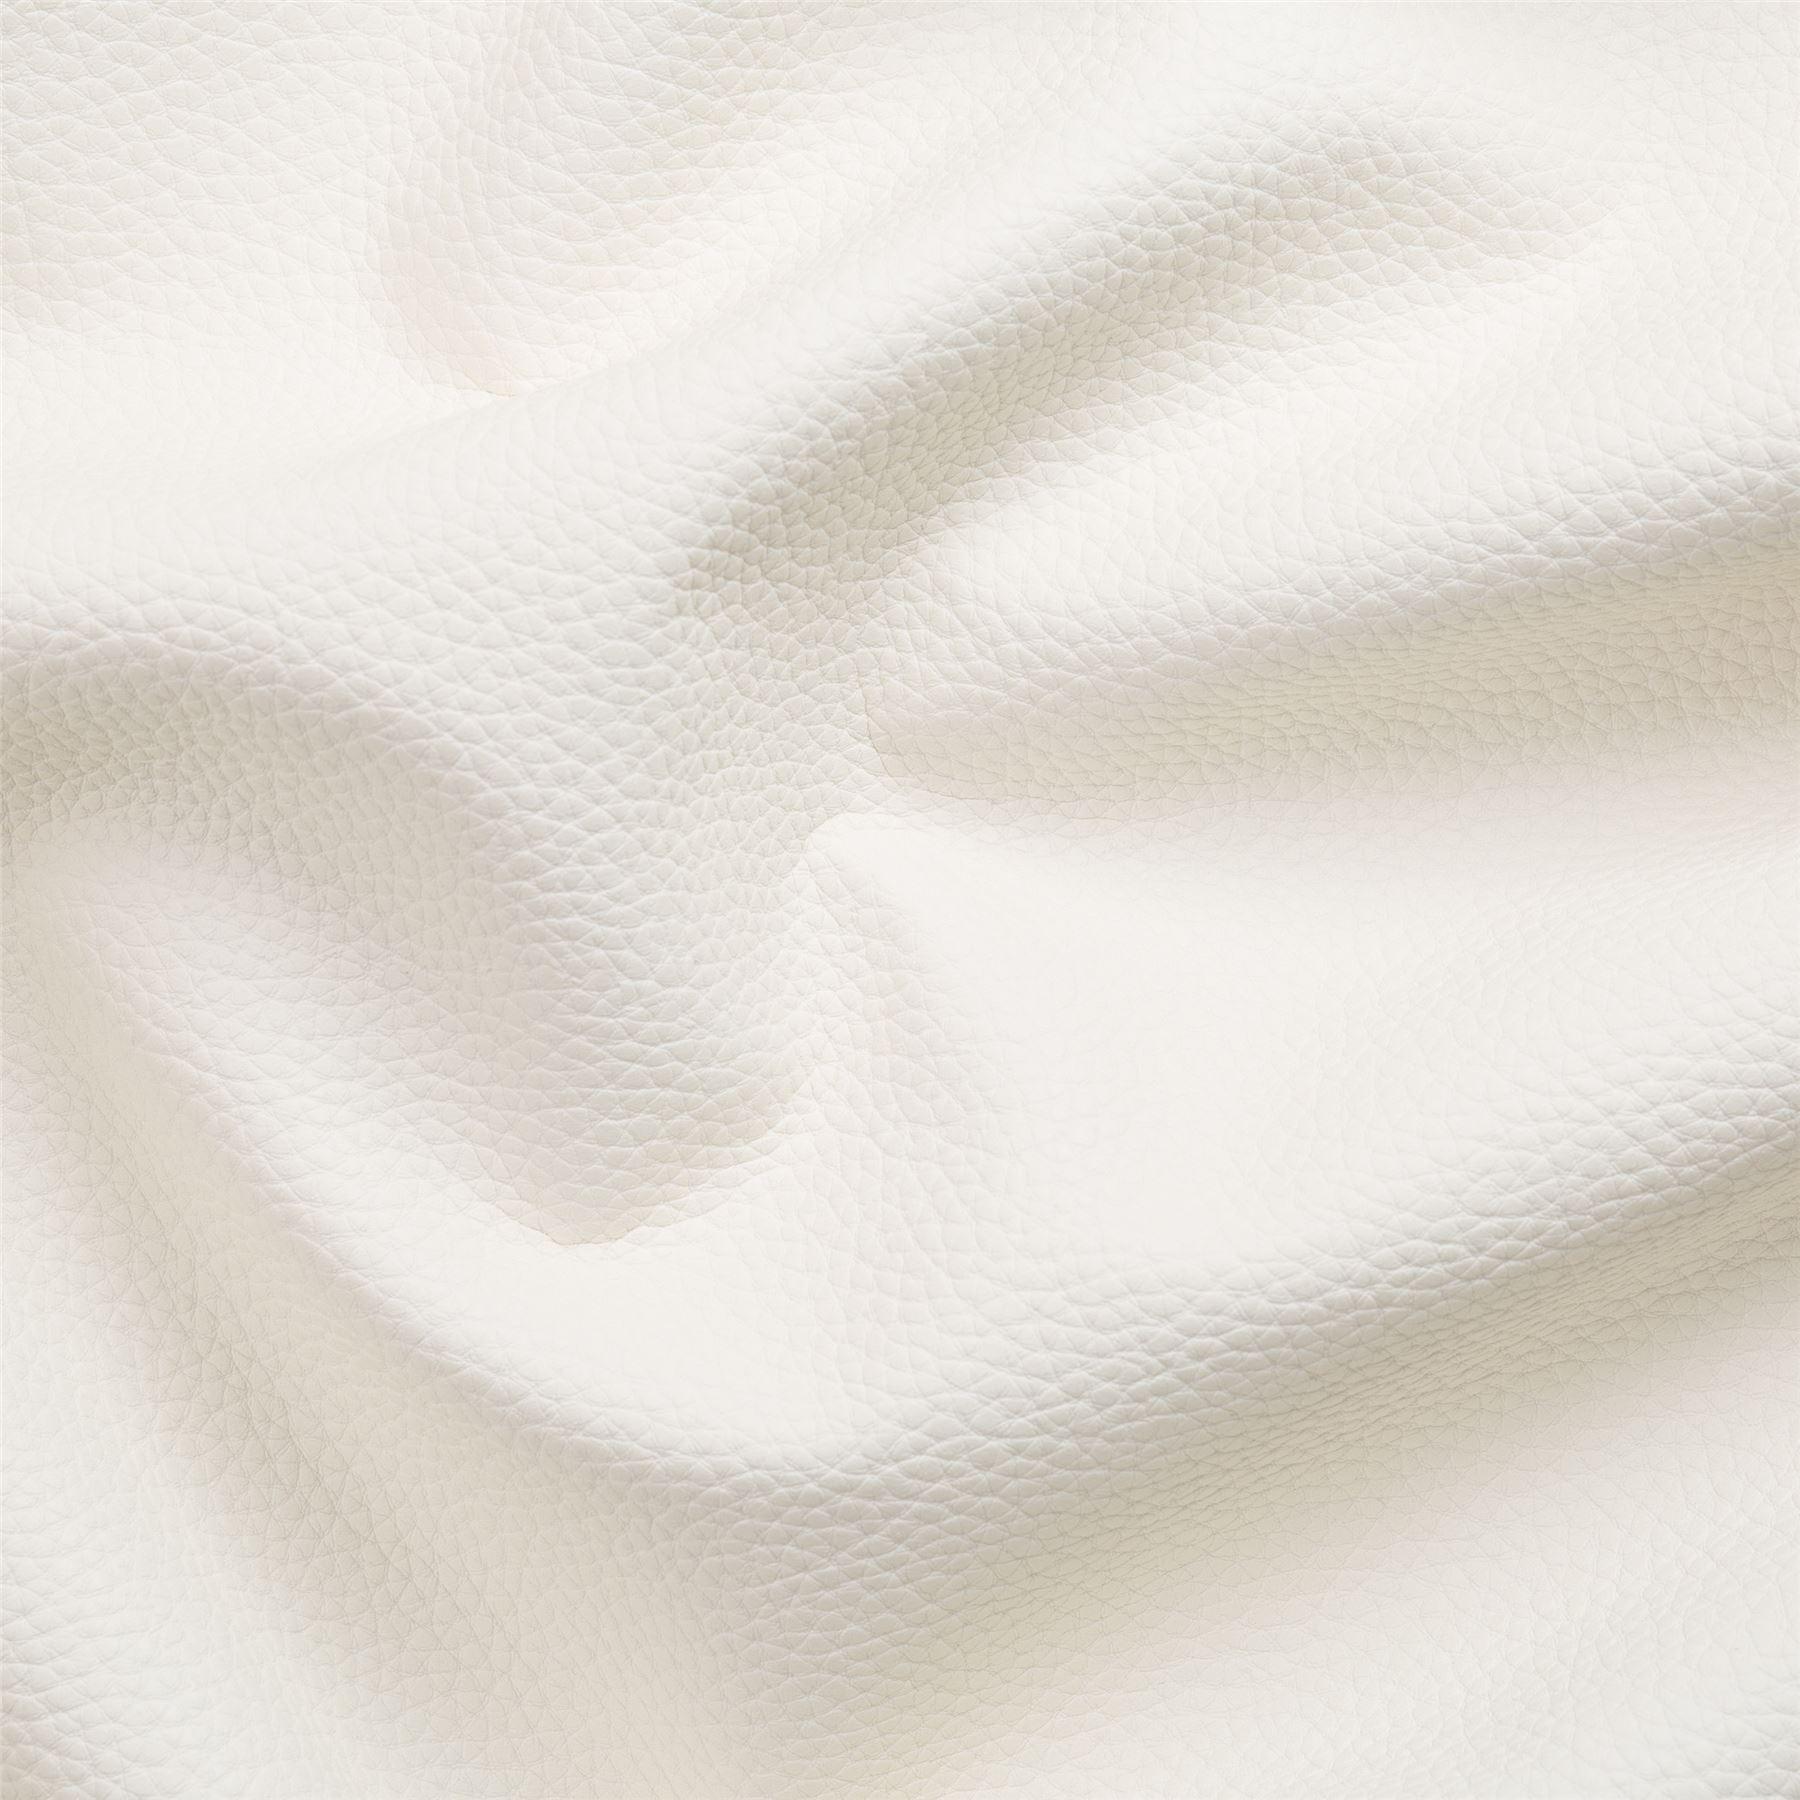 Nova Faux Leatherette Artificial Leather Heavy Grain